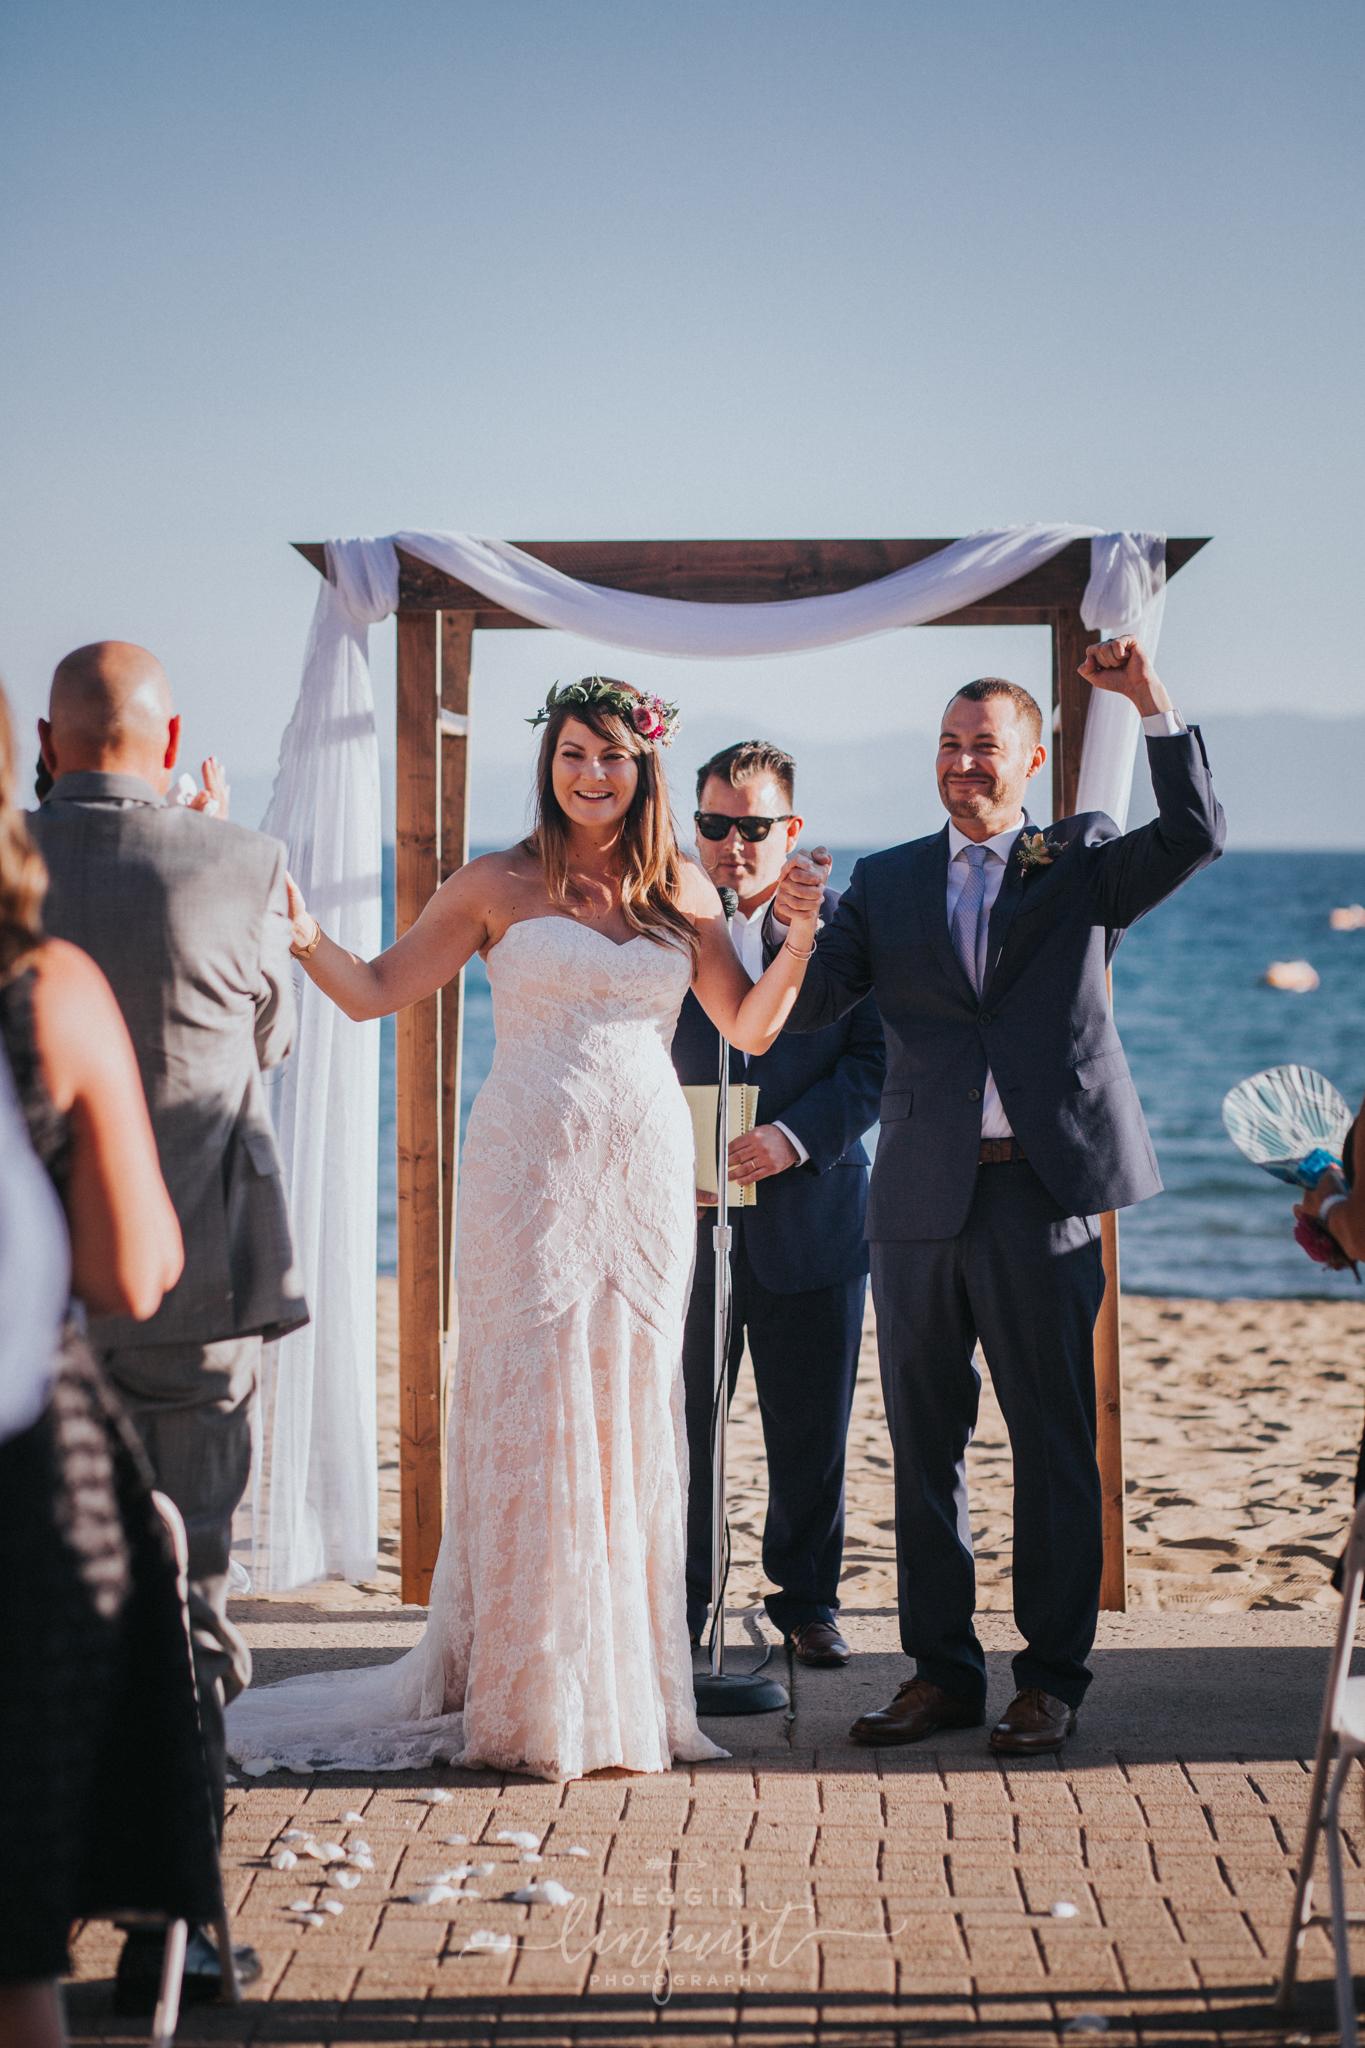 bohemian-style-lake-wedding-reno-lake-tahoe-wedding-photographer-22.jpg